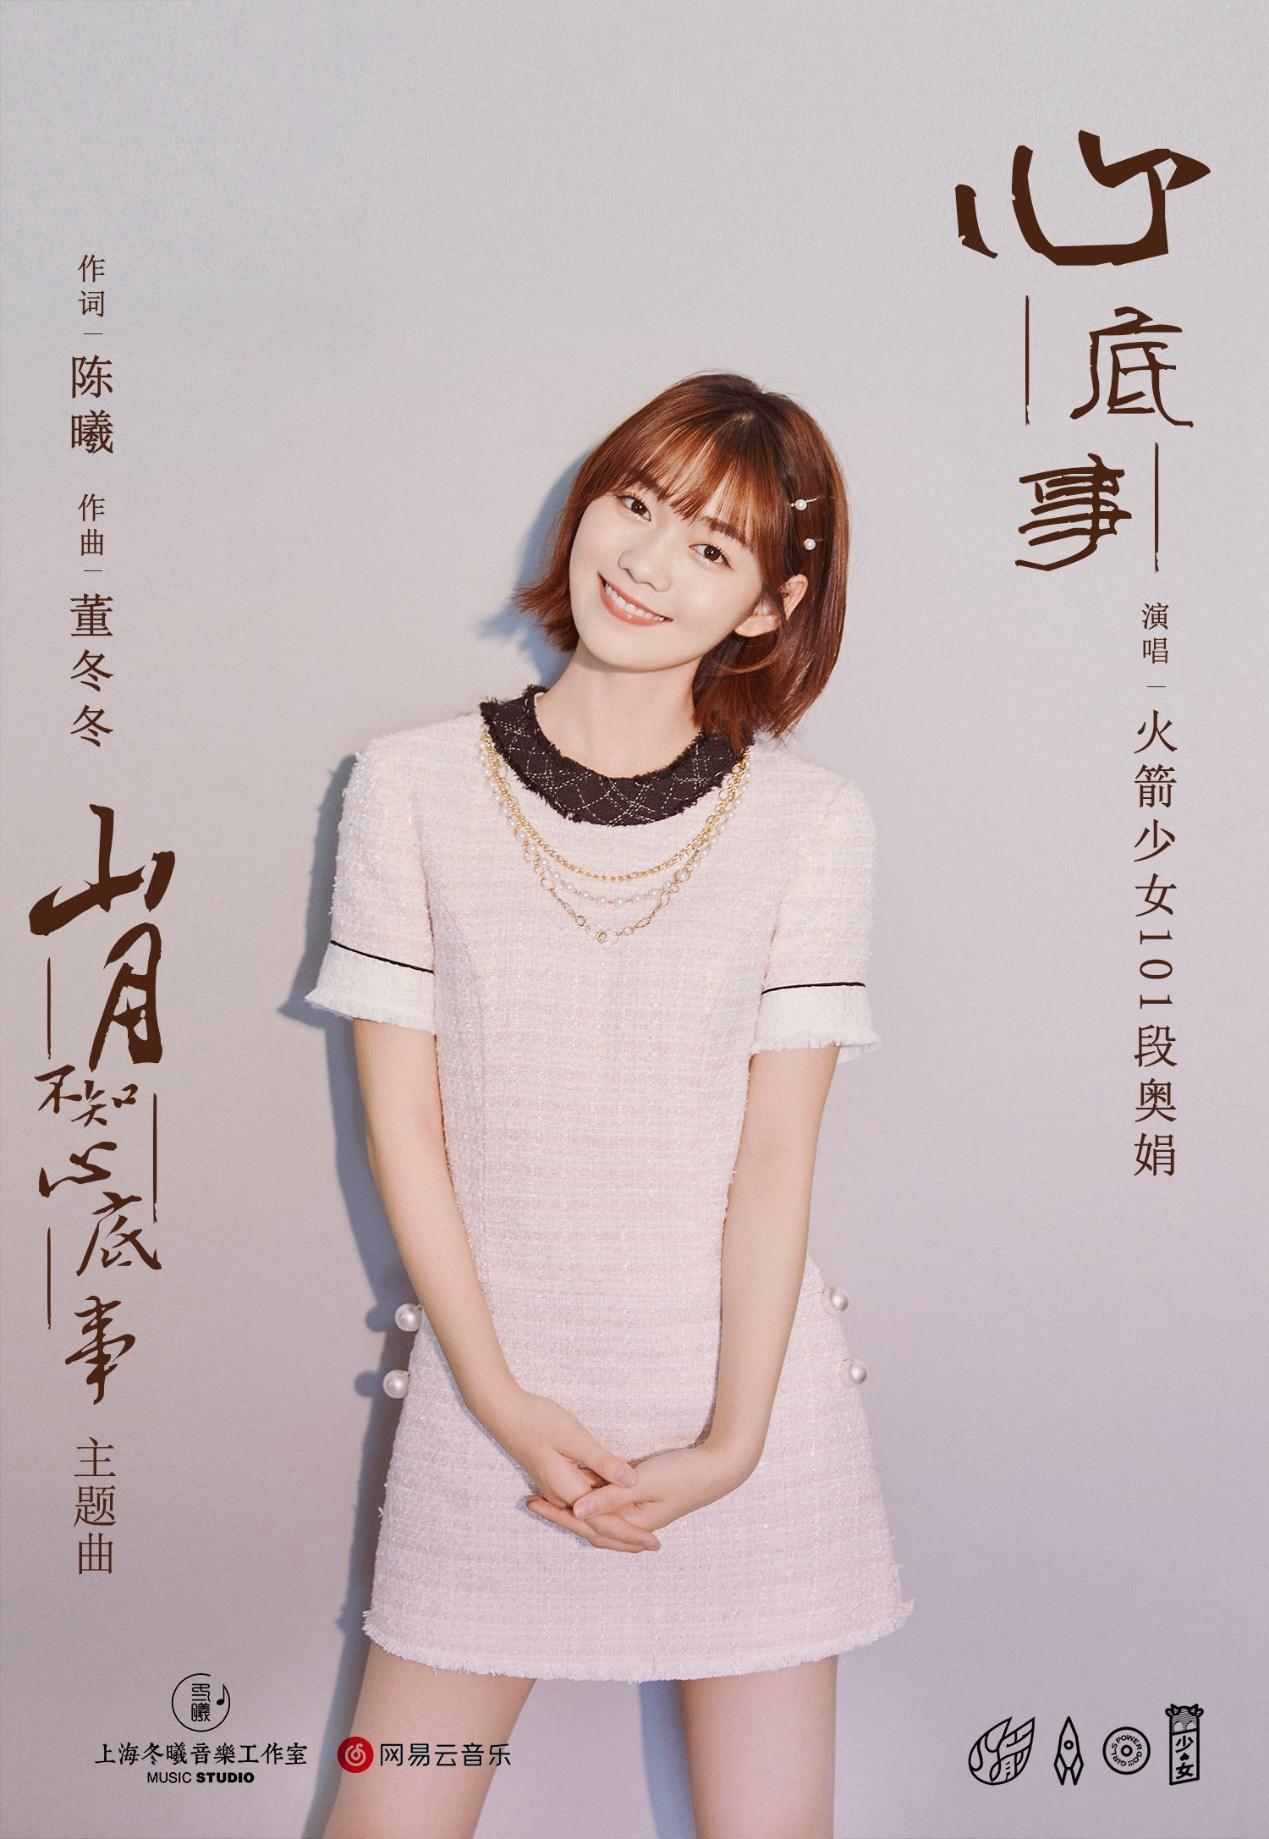 《山月不知心底事》段奥娟深情演绎宋茜《心底事》 (1).jpg